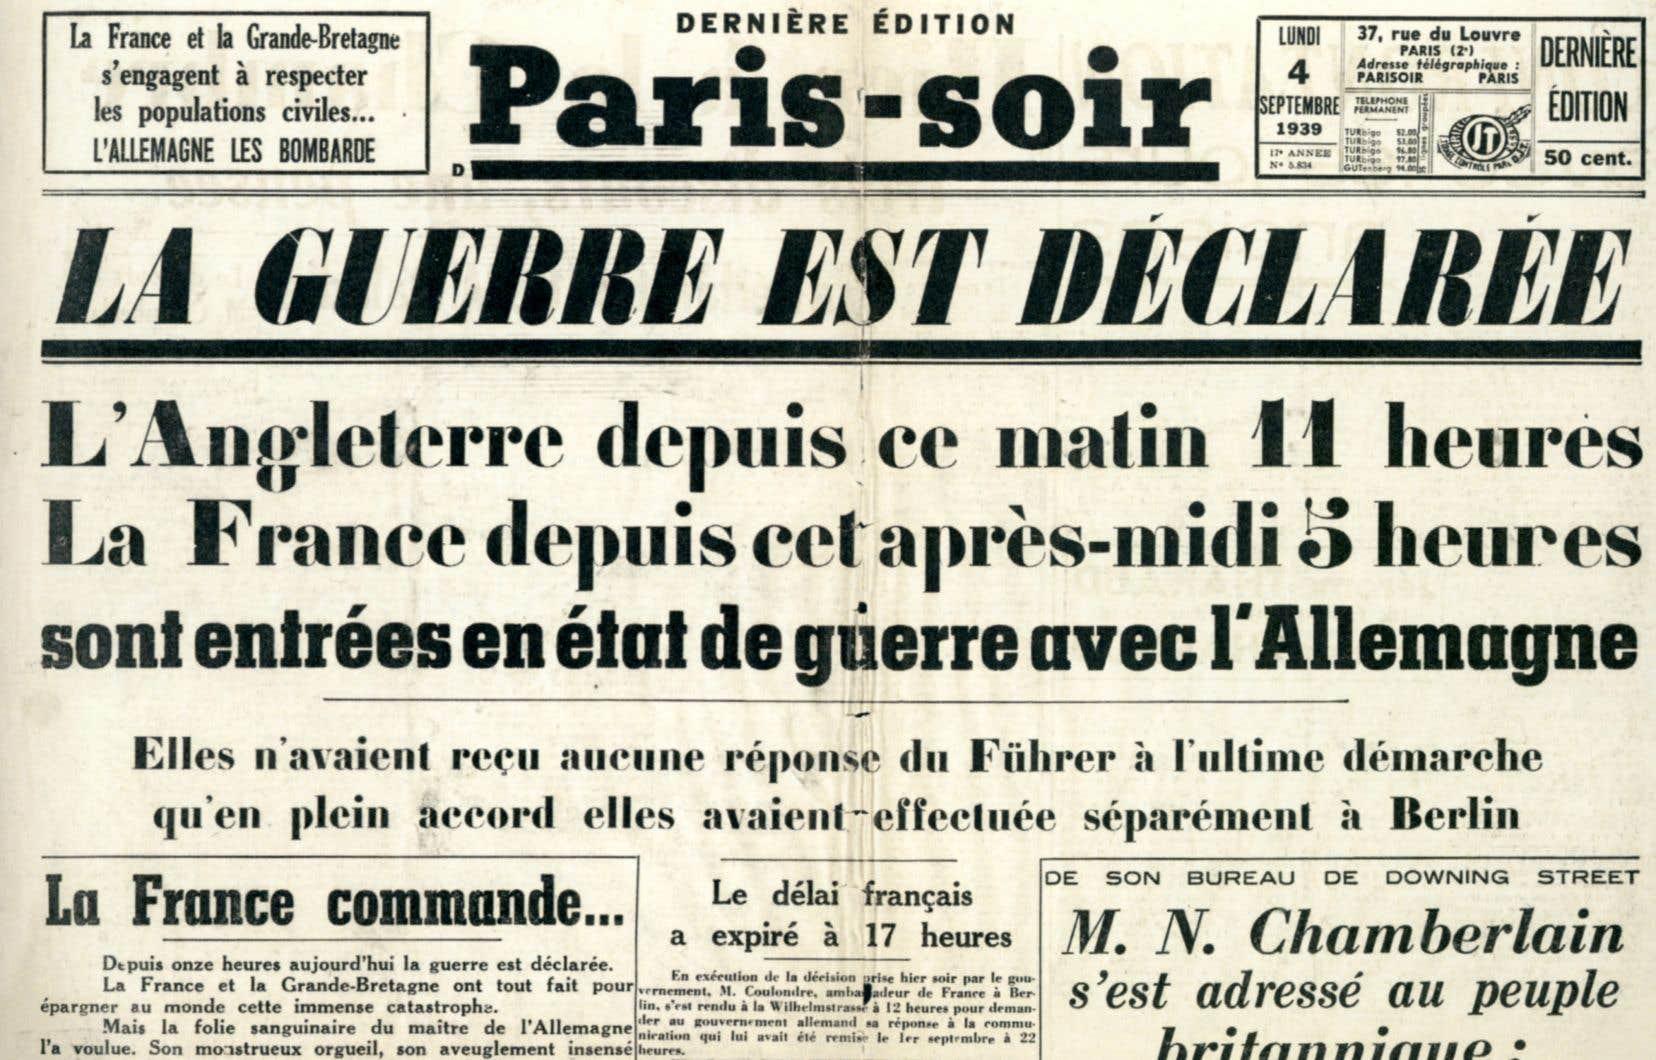 100 ans à travers les unes de la presse»: le journal comme témoin de l' histoire | Le Devoir